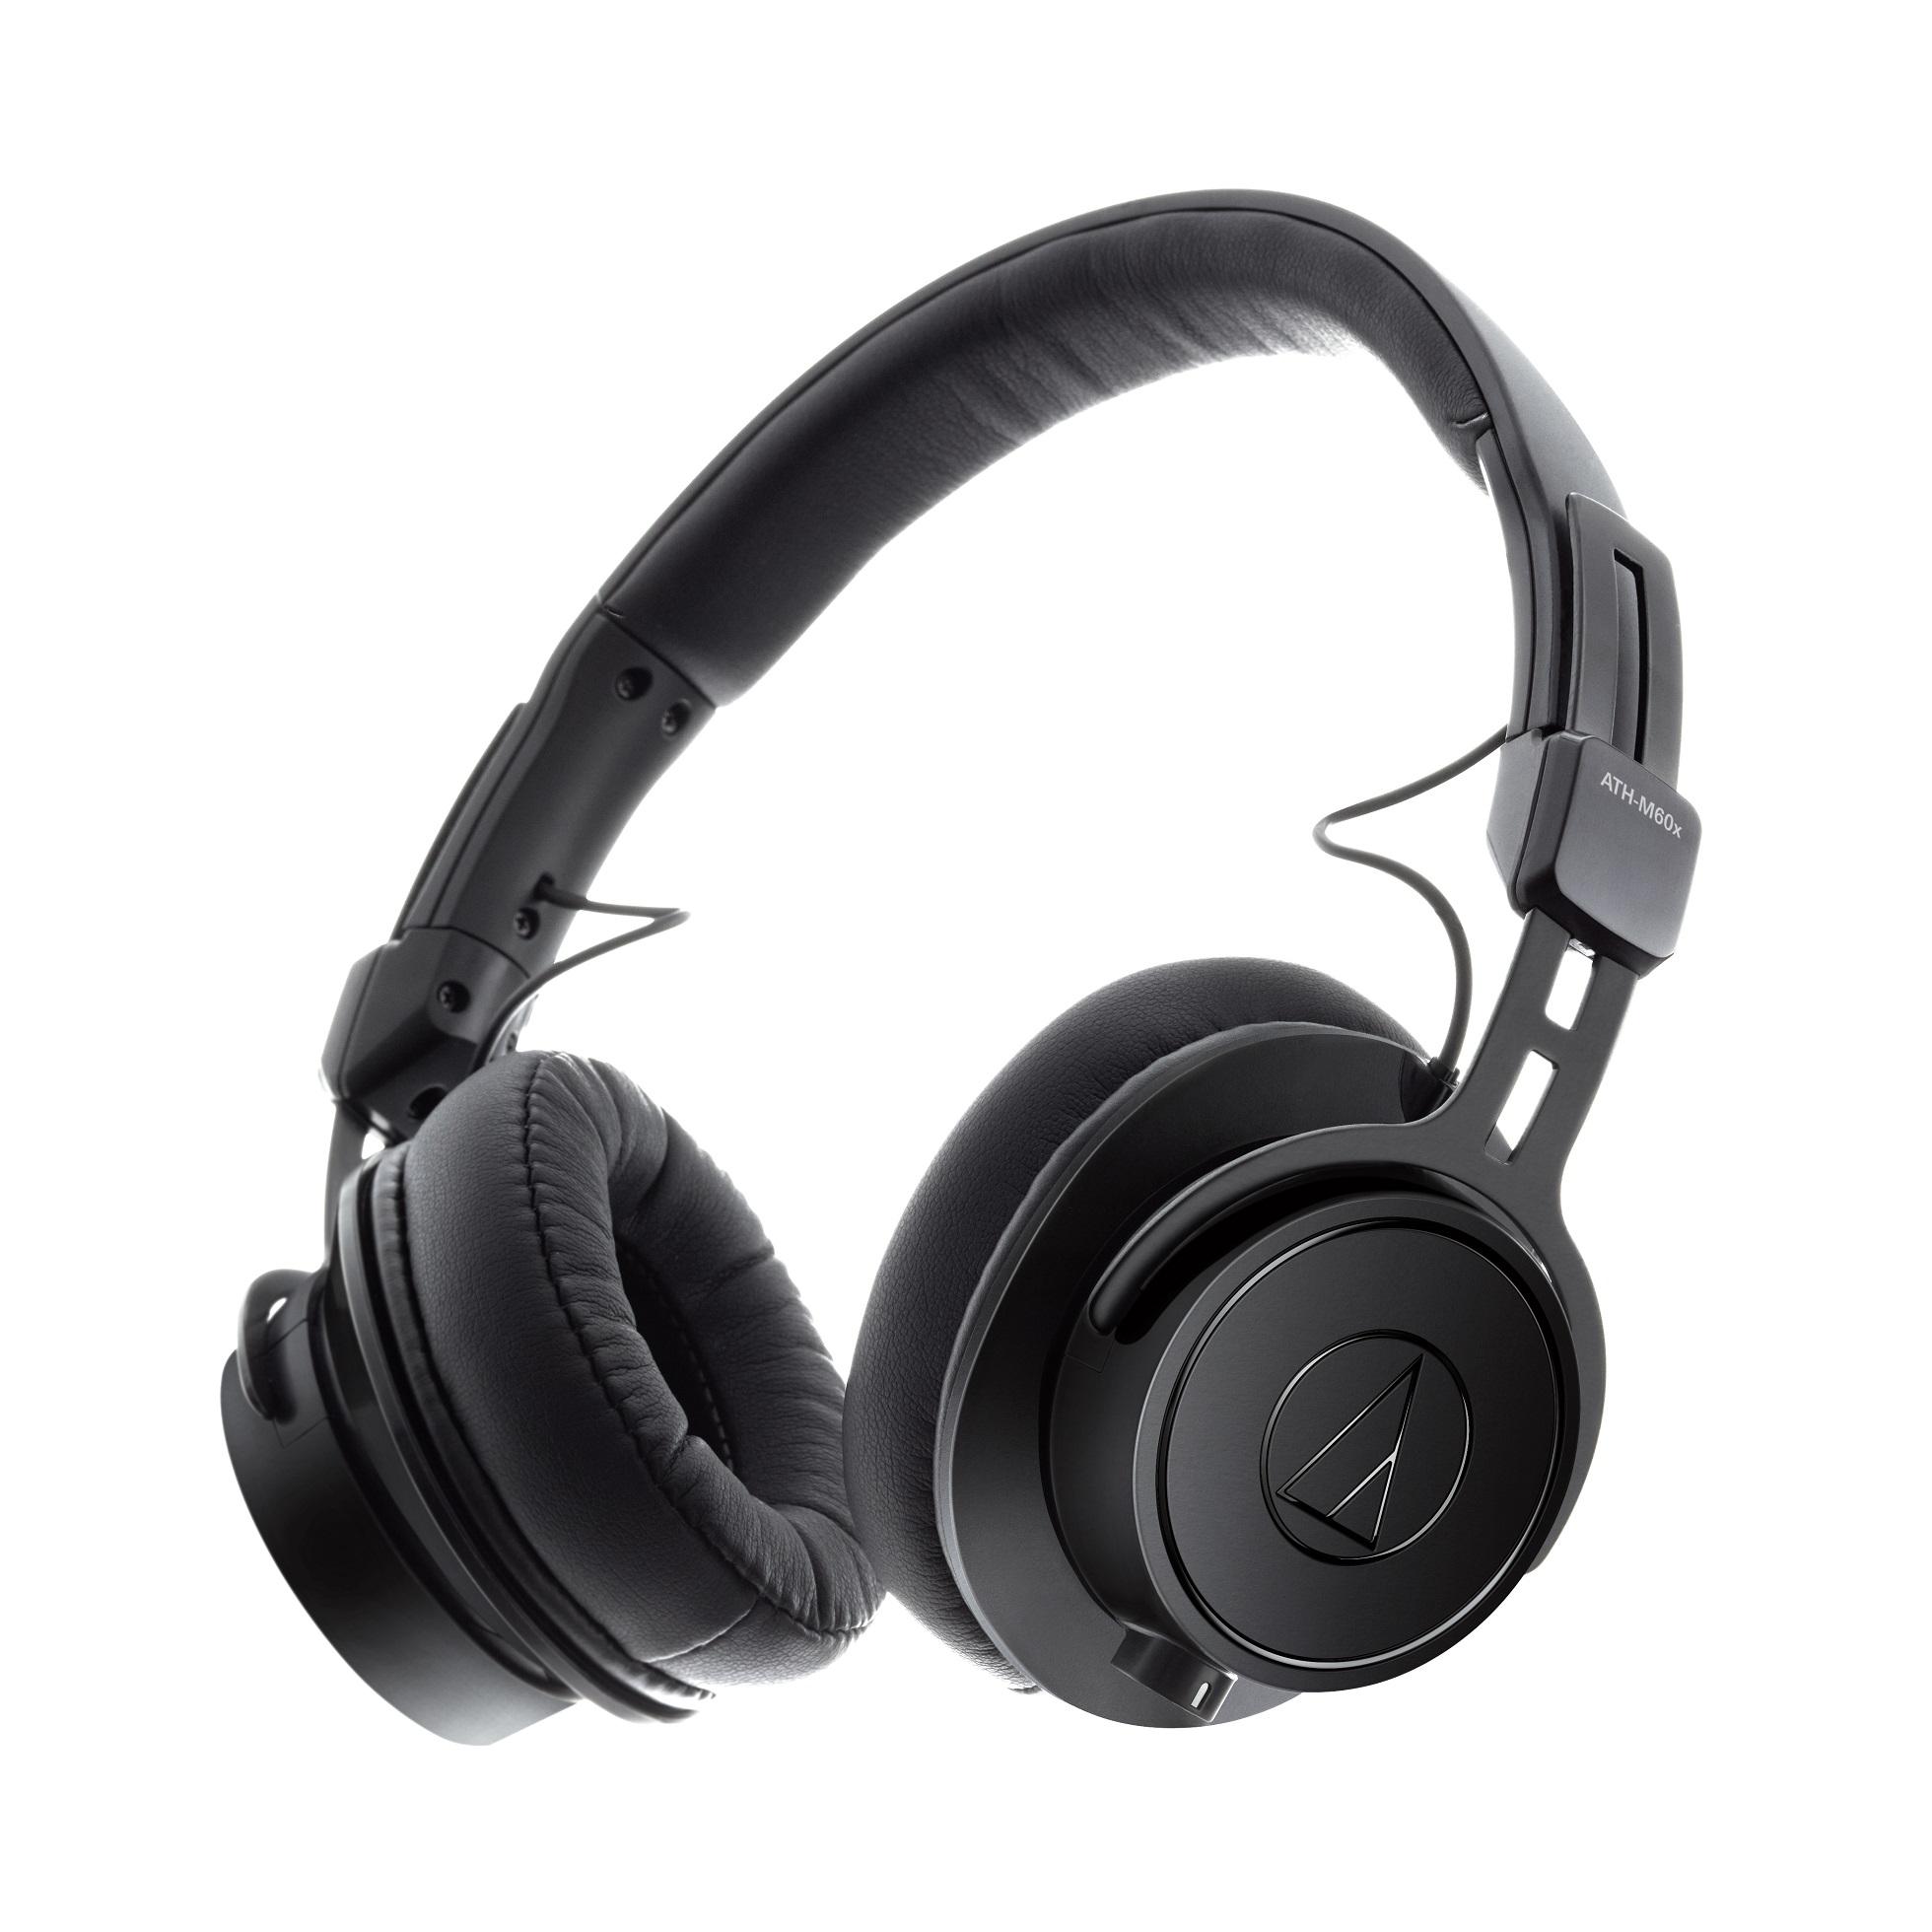 Audio-Technica ATH-M60x suljettu tarkkailukuuloke.